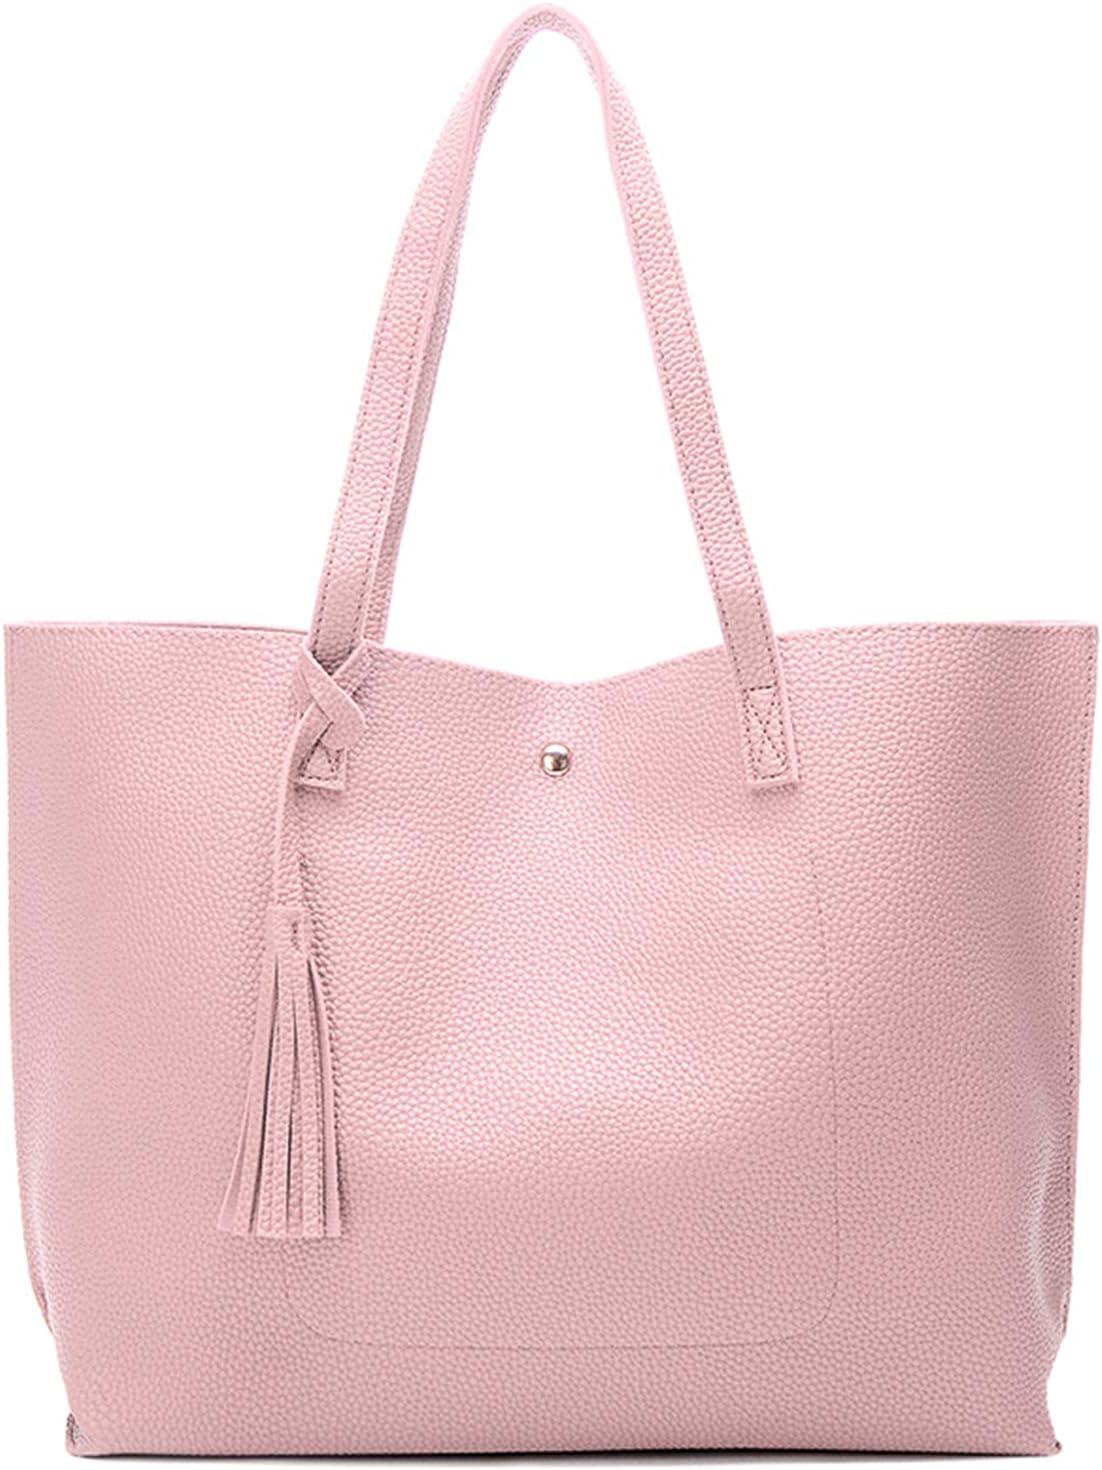 Myhozee Handtasche Damen Tasche PU-Leder Schultertasche Große Casual Tasche Handtaschen Shopper Shopping Bag Umhängetasche Tasche für Alltag Büro Schule Ausflug Einkauf -